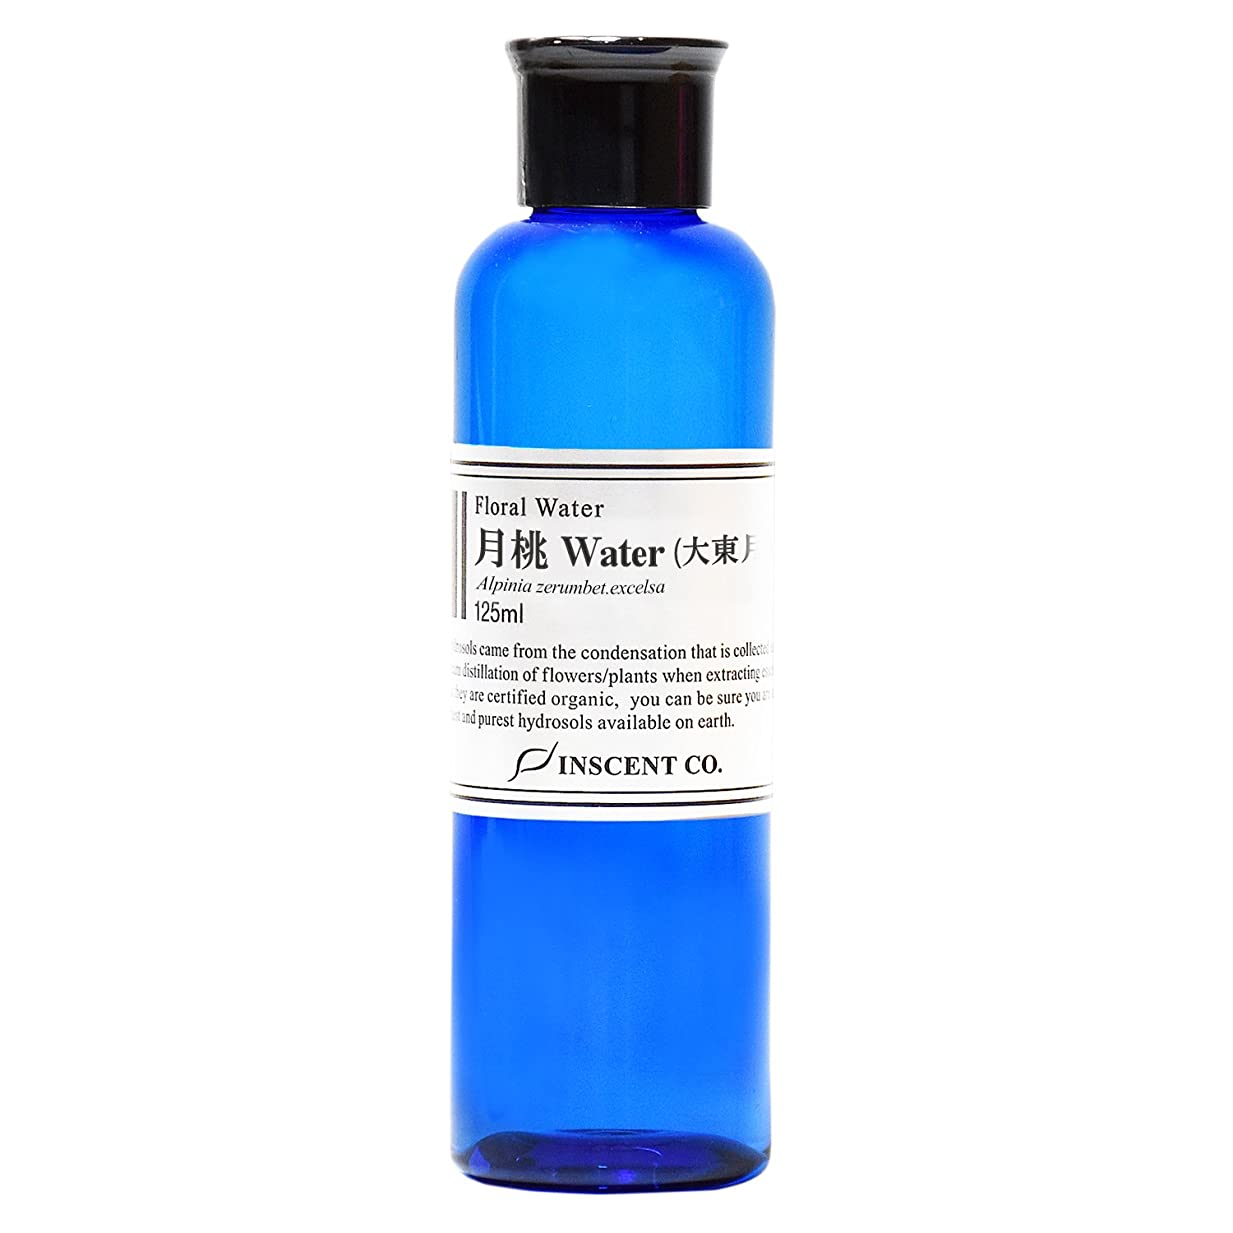 夕食を食べる粘り強い微妙フローラルウォーター 月桃 (げっとう) ウォーター (月桃水) 125ml (ハイドロゾル/芳香蒸留水) ※月桃独特の薬草が焦げたような香りがあります。